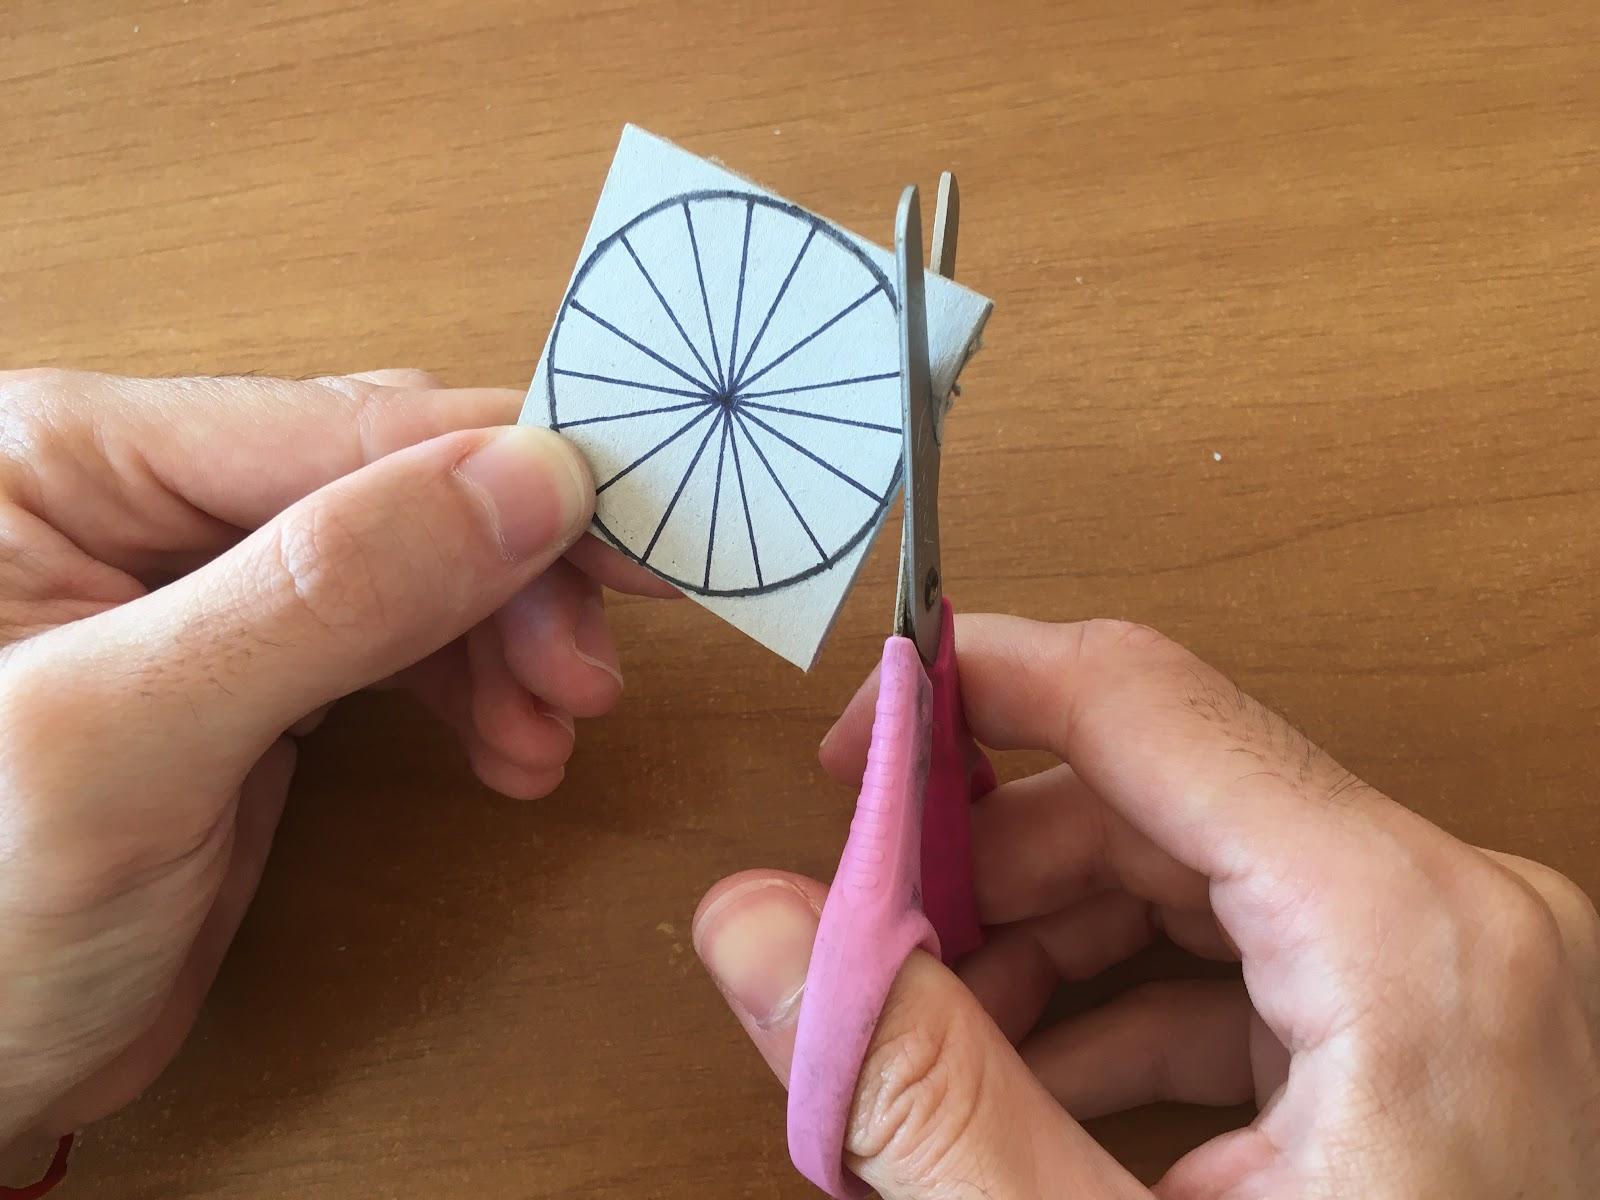 Corte con tijera de una circunferencia en cartón.